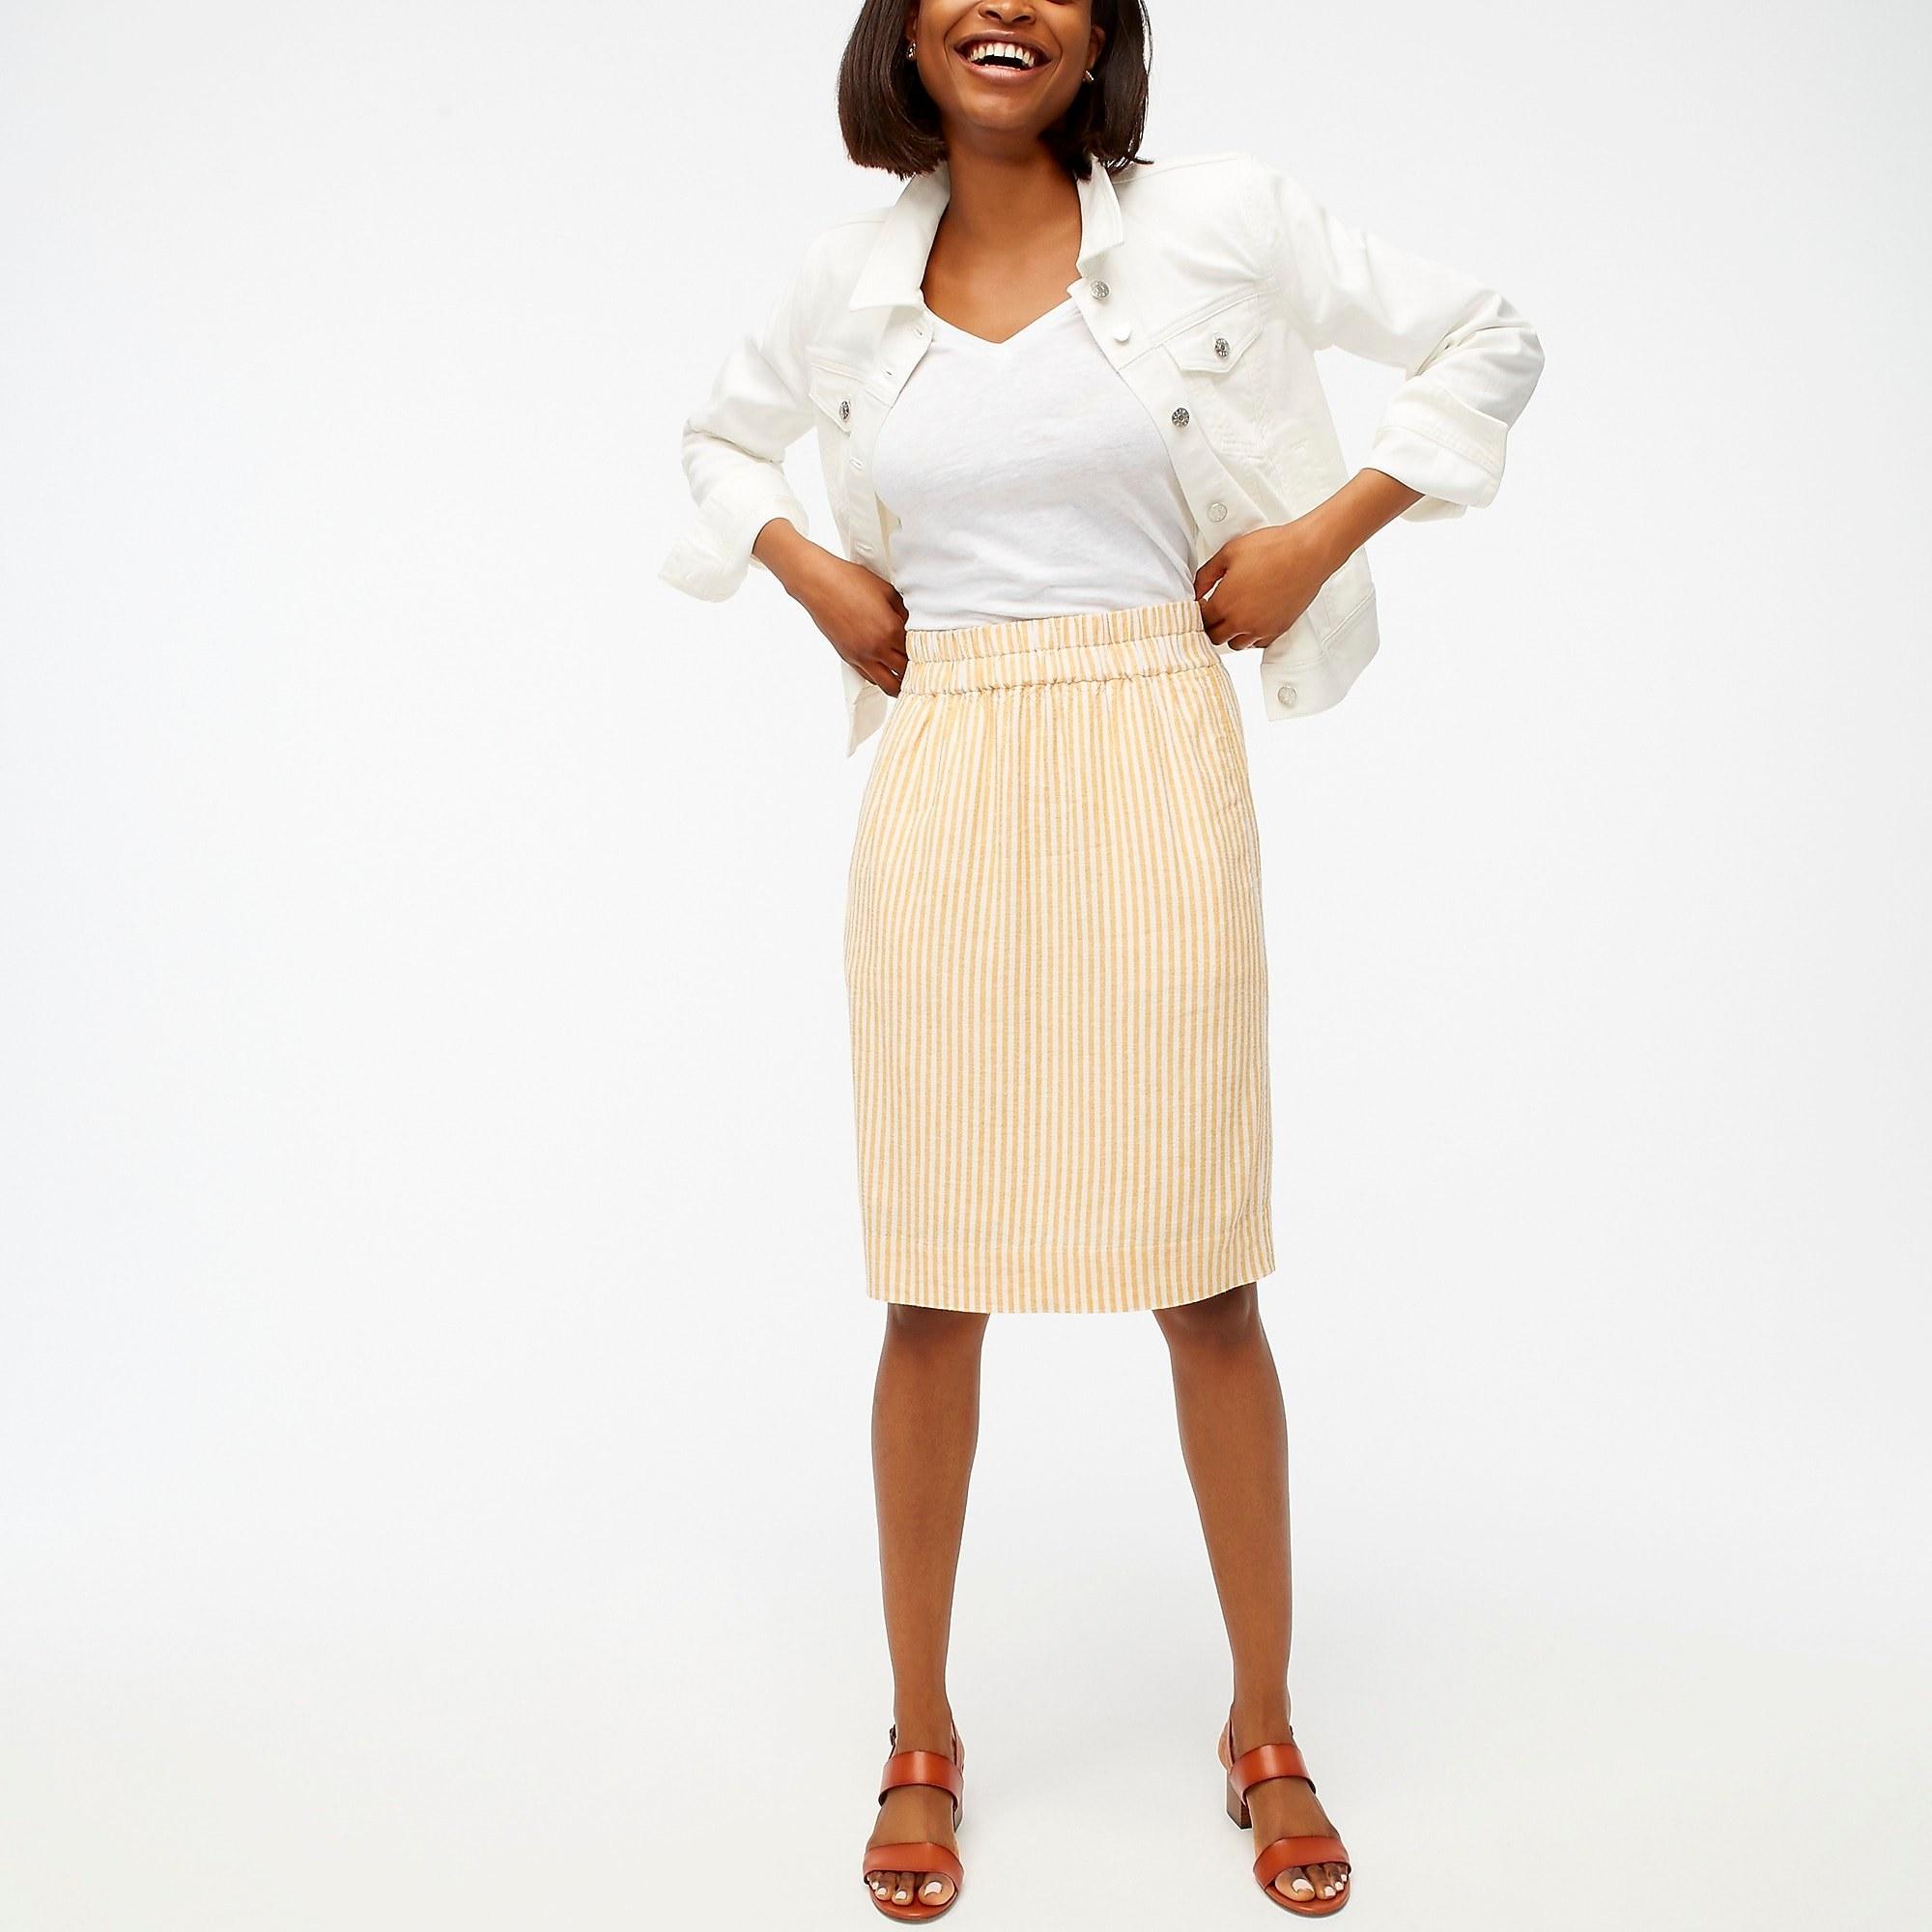 model wearing the linen pull-on skirt